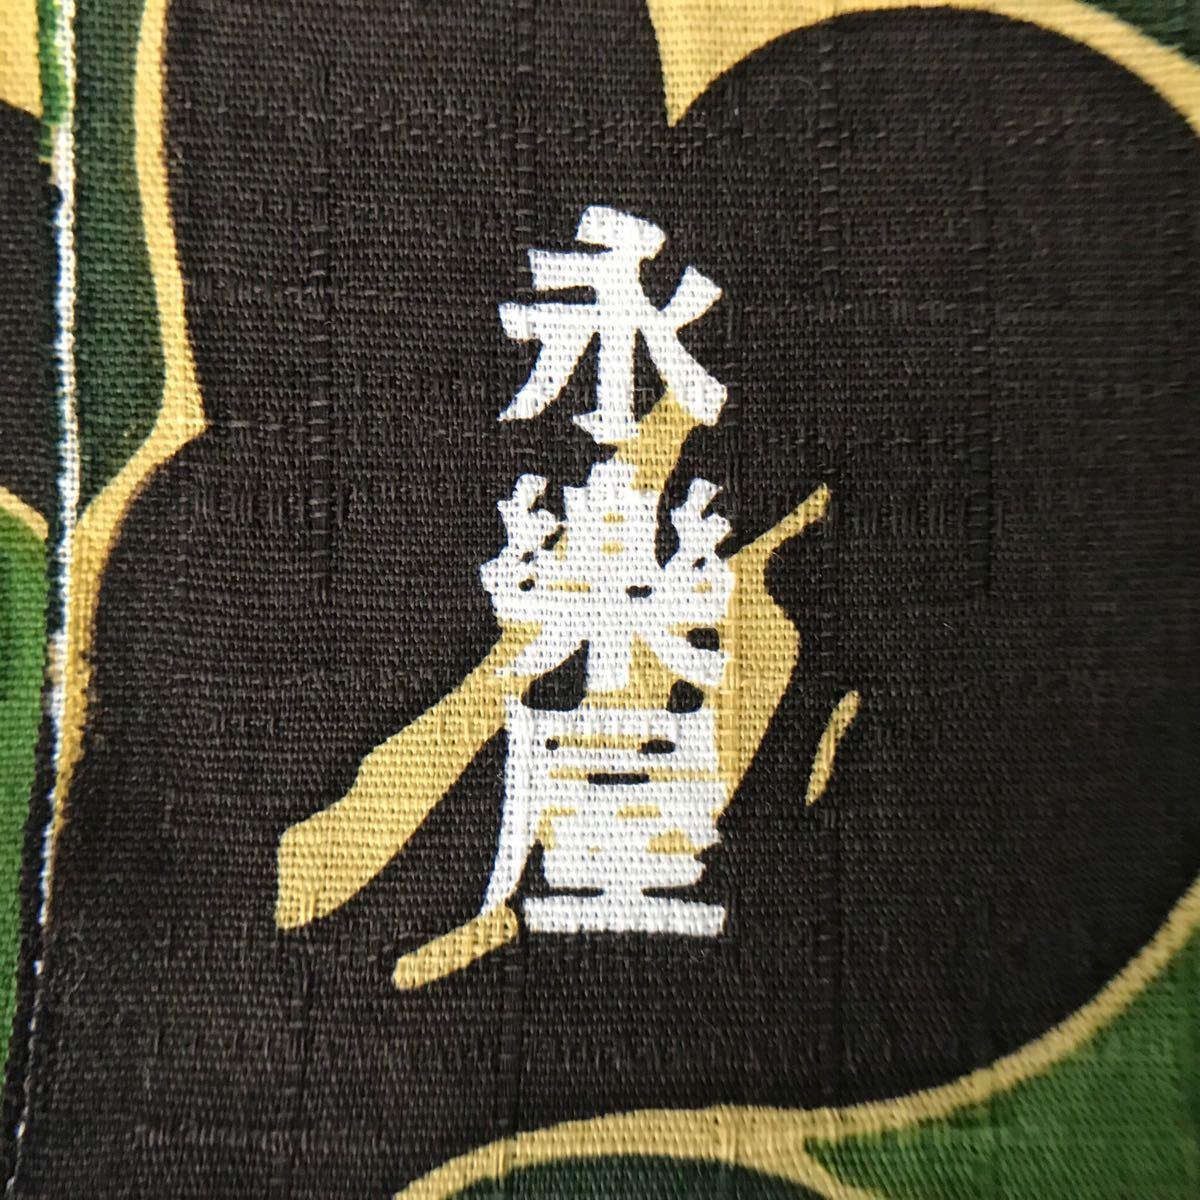 ★京都限定★ 永楽屋 ふろしき a bathing ape bape camo エイプ ベイプ アベイシングエイプ 迷彩 ストール 風呂敷 都市限定 kyoto limited